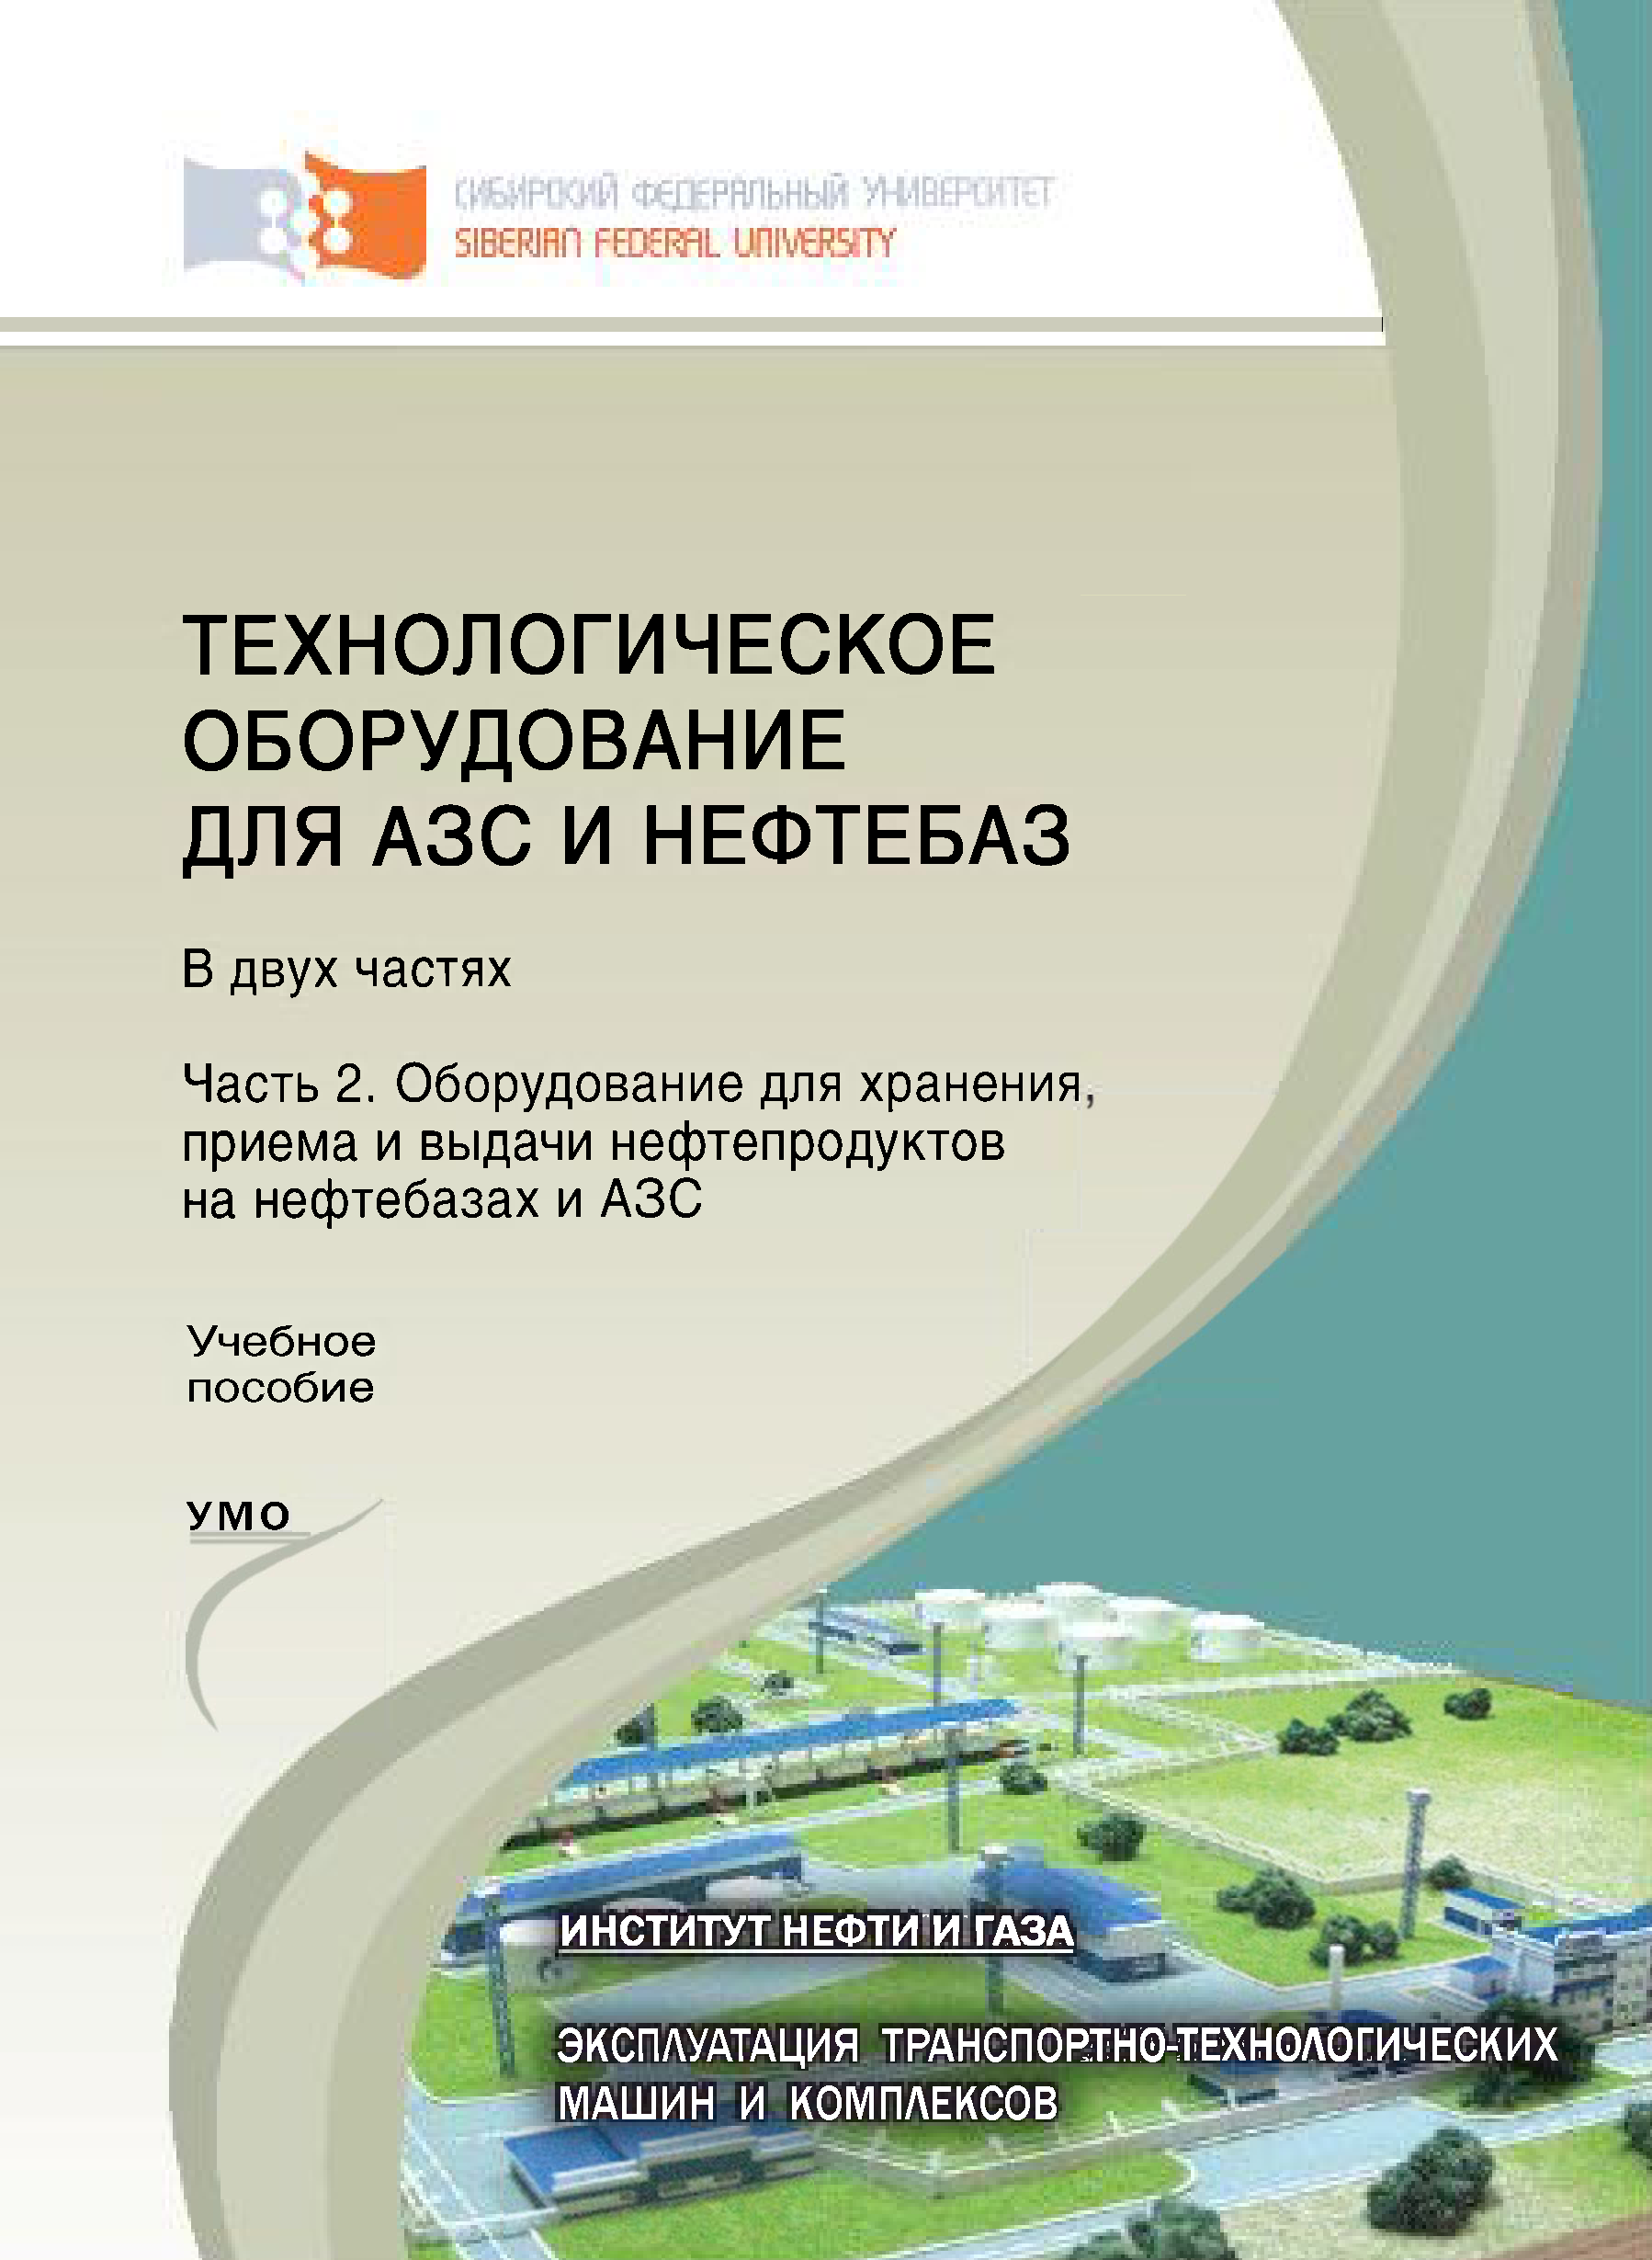 Александр Сокольников Технологическое оборудование для АЗС и нефтебаз. Часть 2. Оборудование для хранения, приема и выдачи нефтепродуктов на нефтебазах и АЗС